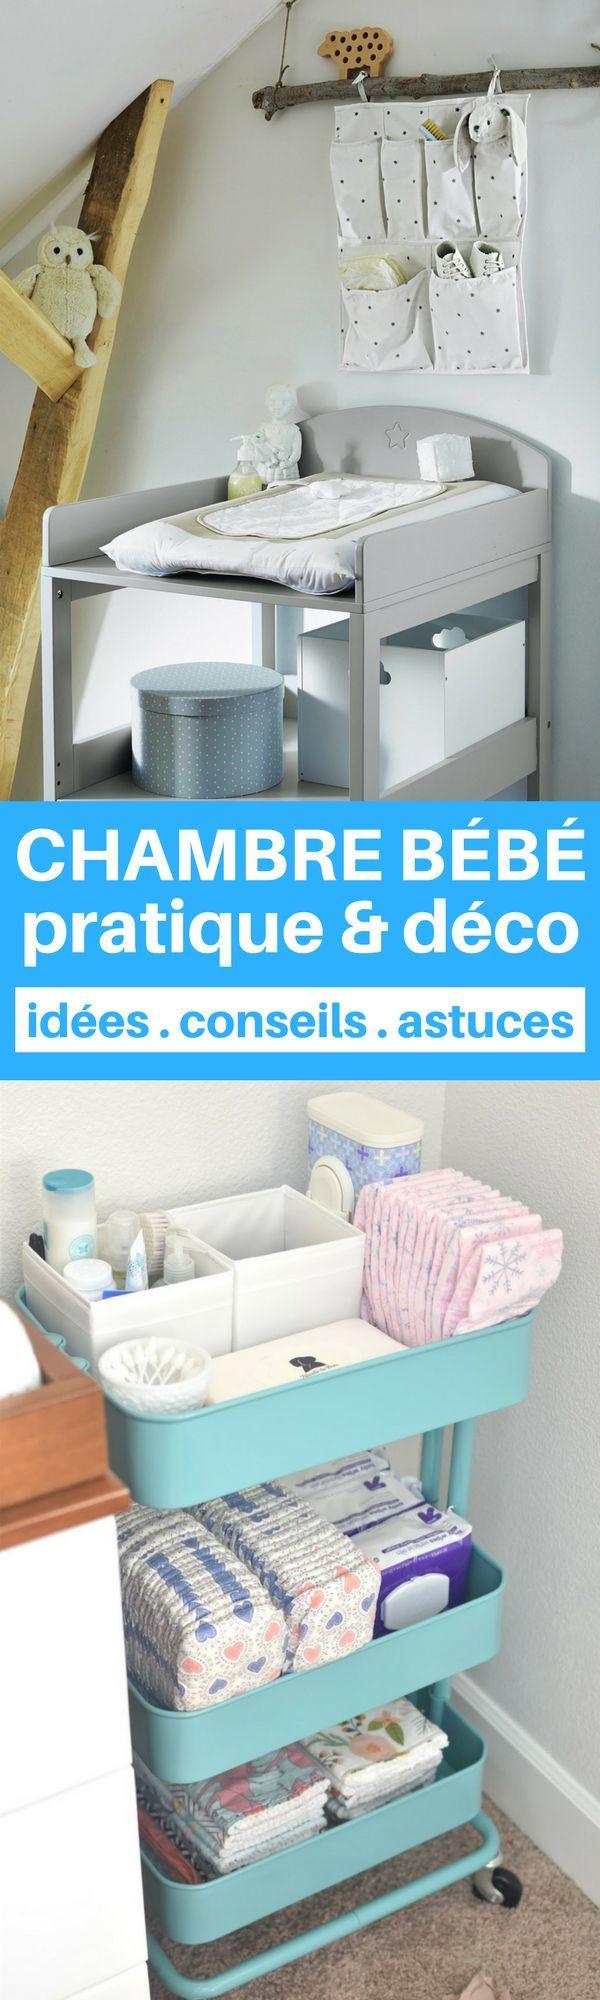 relooking et d coration 2017 2018 une chambre b b la fois pratique et d co c 39 est. Black Bedroom Furniture Sets. Home Design Ideas